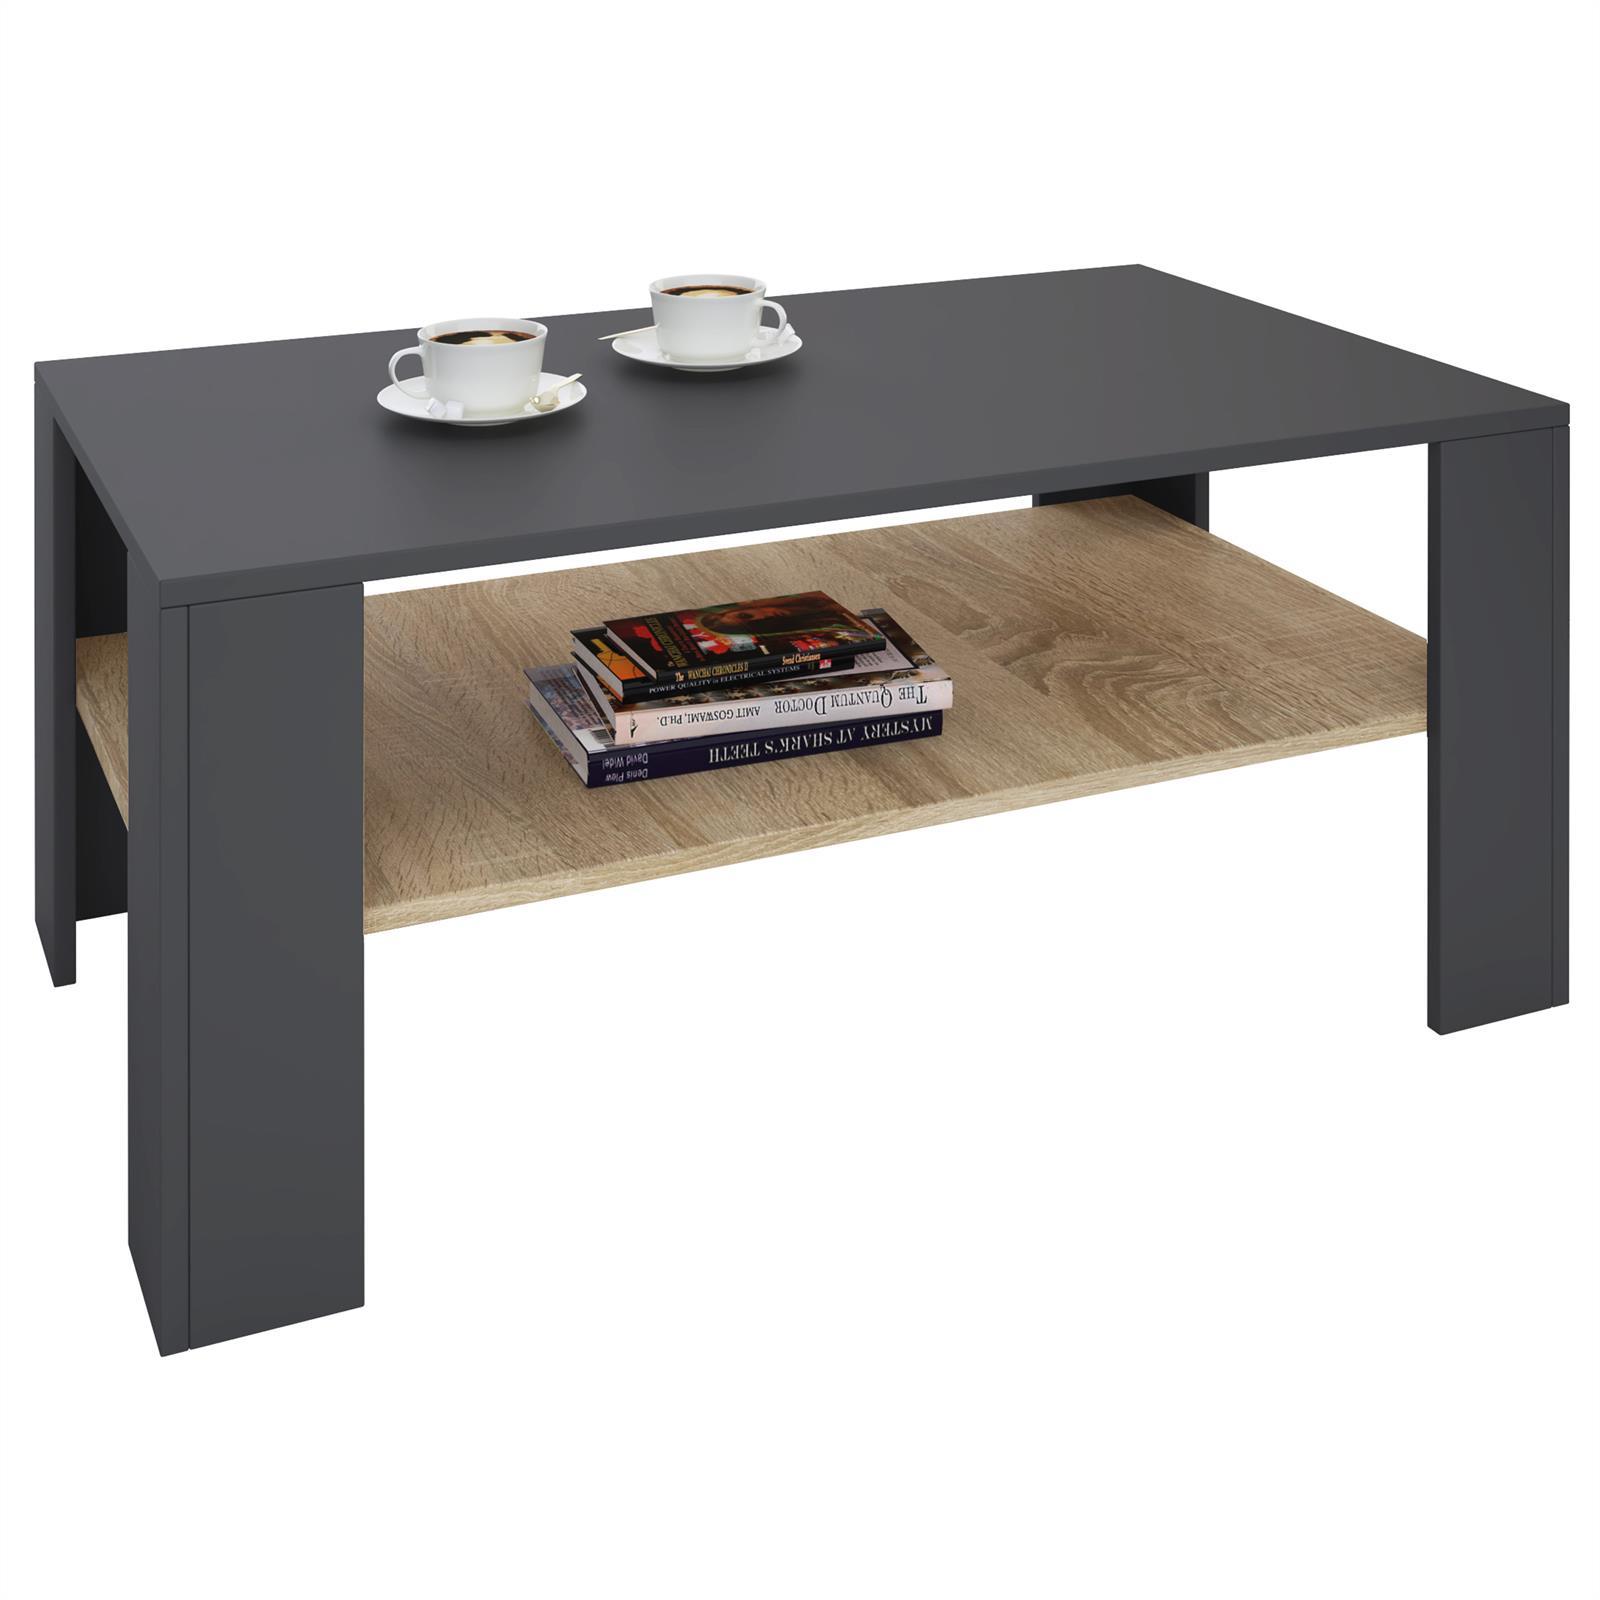 table basse lorient en m lamin gris mat et d cor ch ne. Black Bedroom Furniture Sets. Home Design Ideas